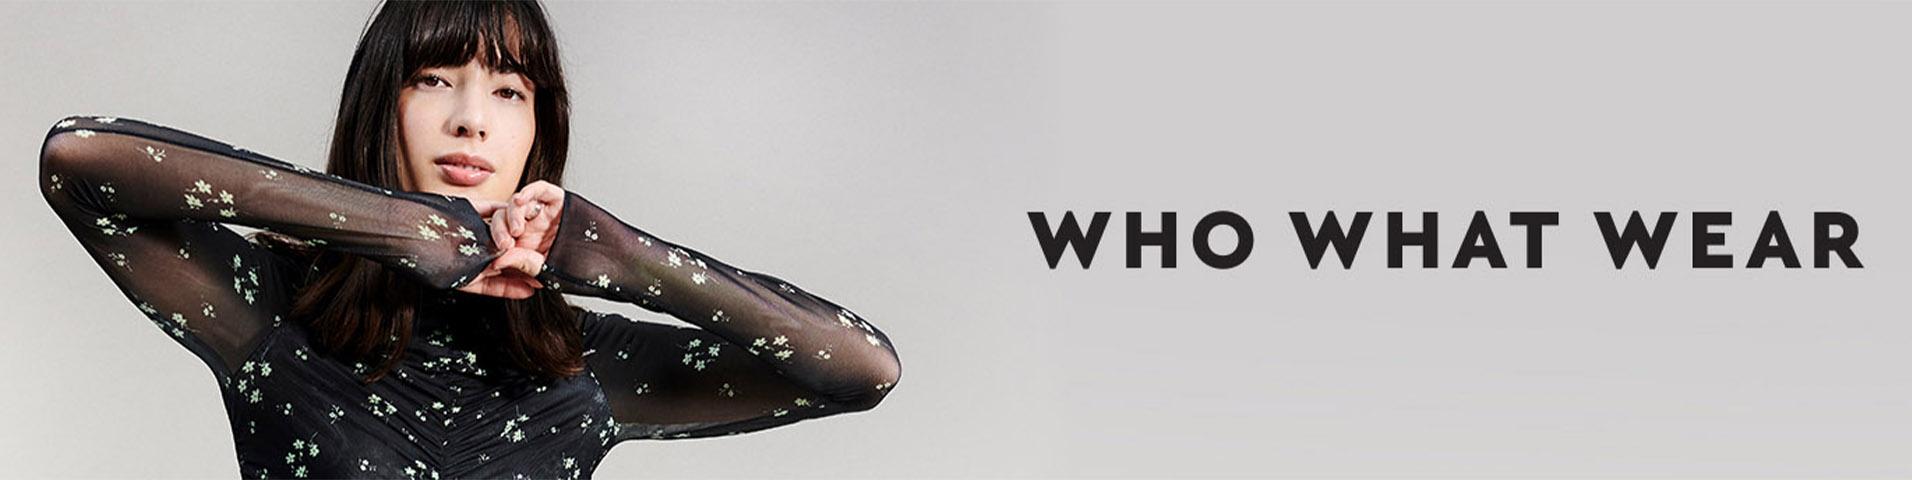 Who What Wear Damskor | K?p dina skor online p? Zalando.se